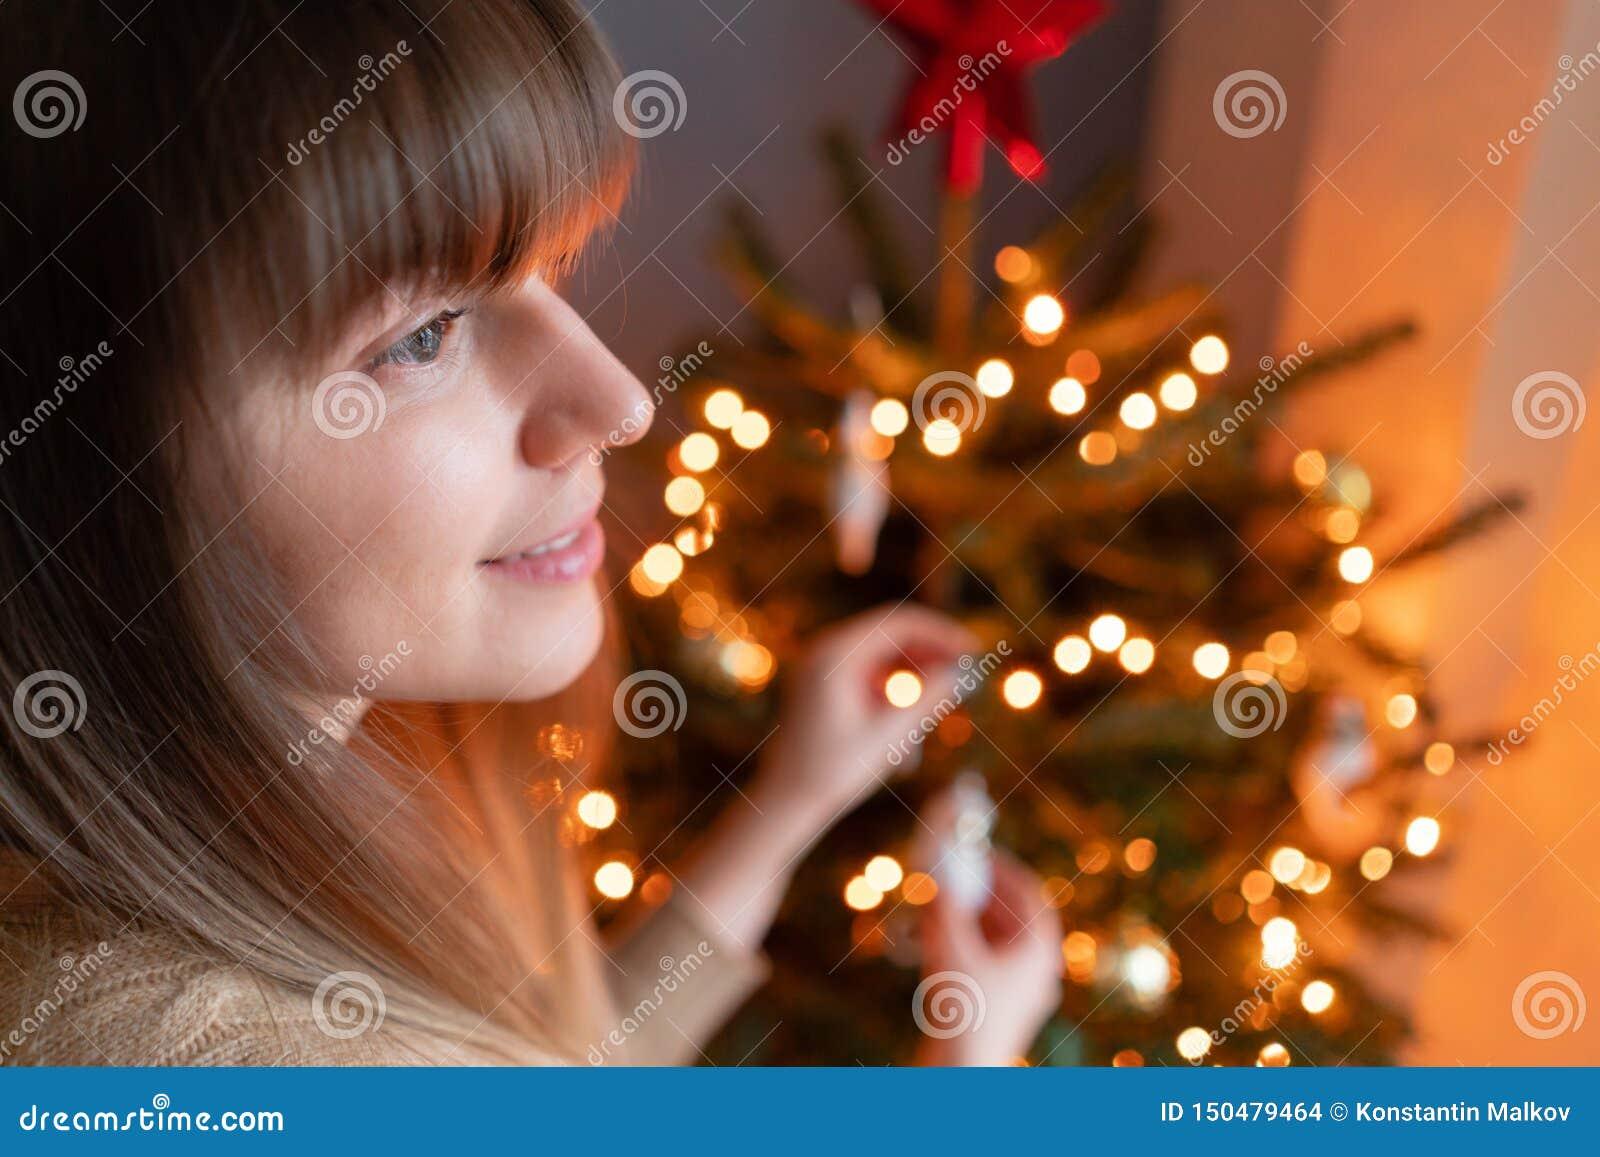 Ευτυχής νέα γυναίκα που διακοσμεί το χριστουγεννιάτικο δέντρο στο σπίτι Χειμερινές διακοπές σε ένα εσωτερικό σπιτιών Χρυσά και άσ